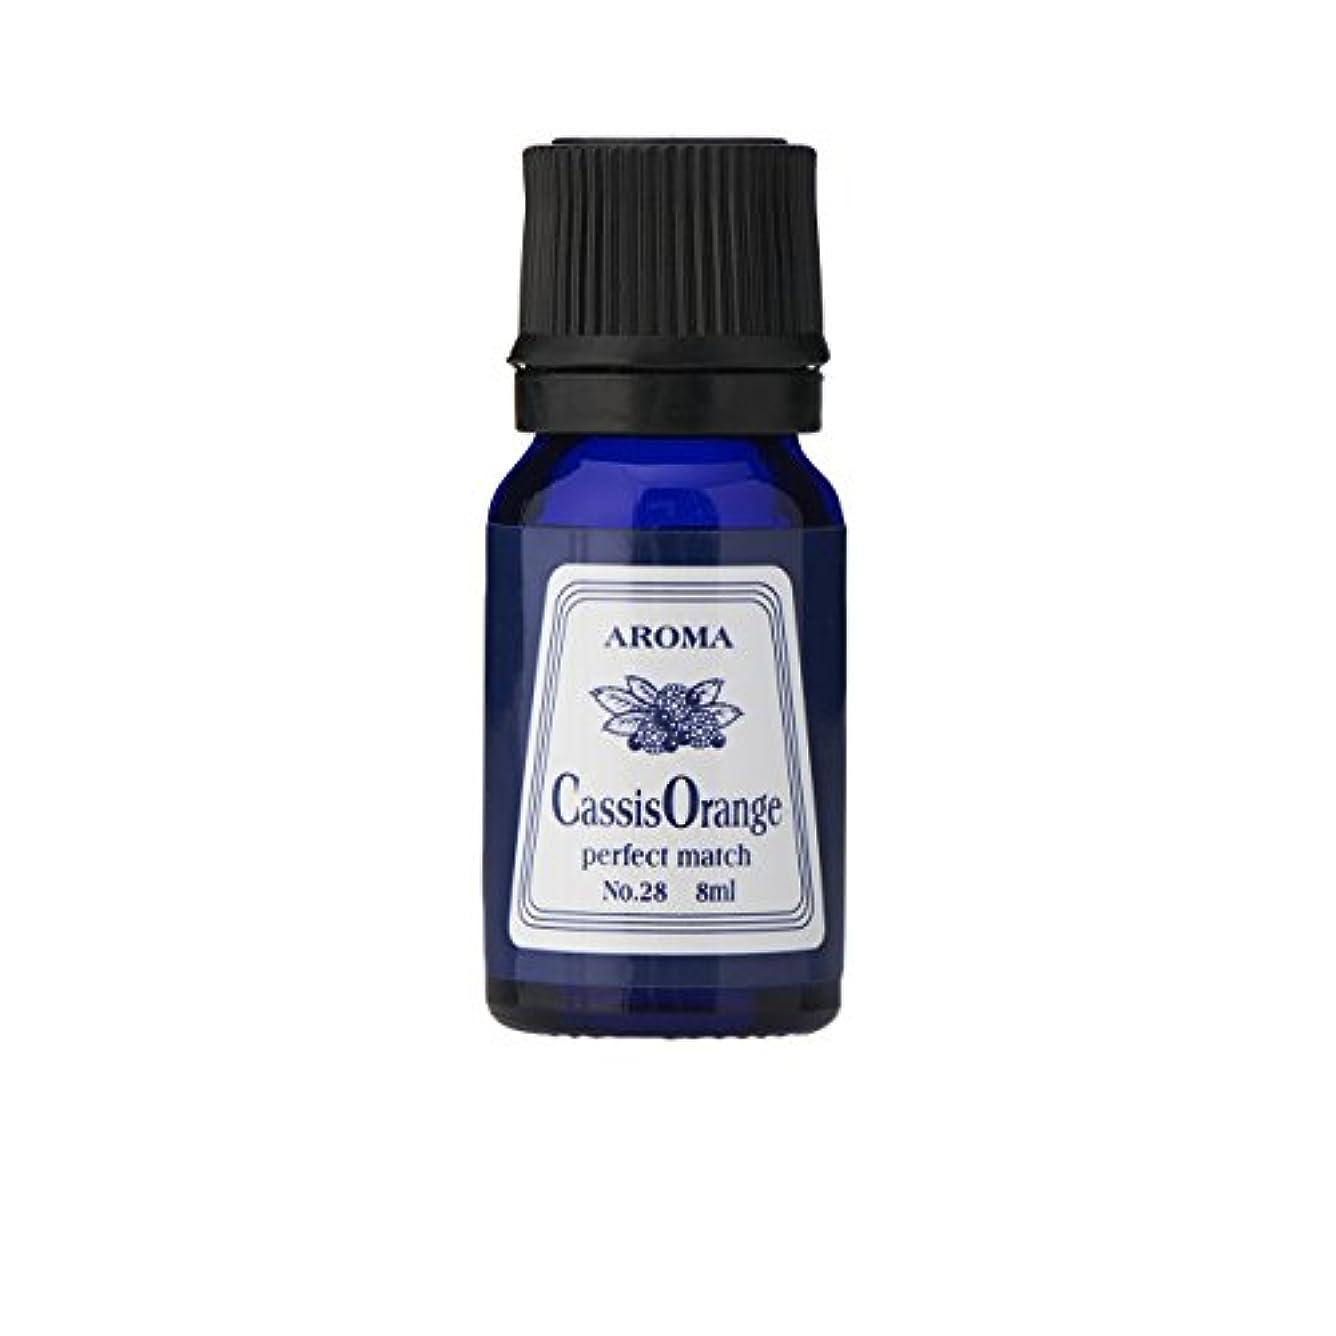 ブルーラベル アロマエッセンス8ml カシスオレンジ(アロマオイル 調合香料 芳香用)